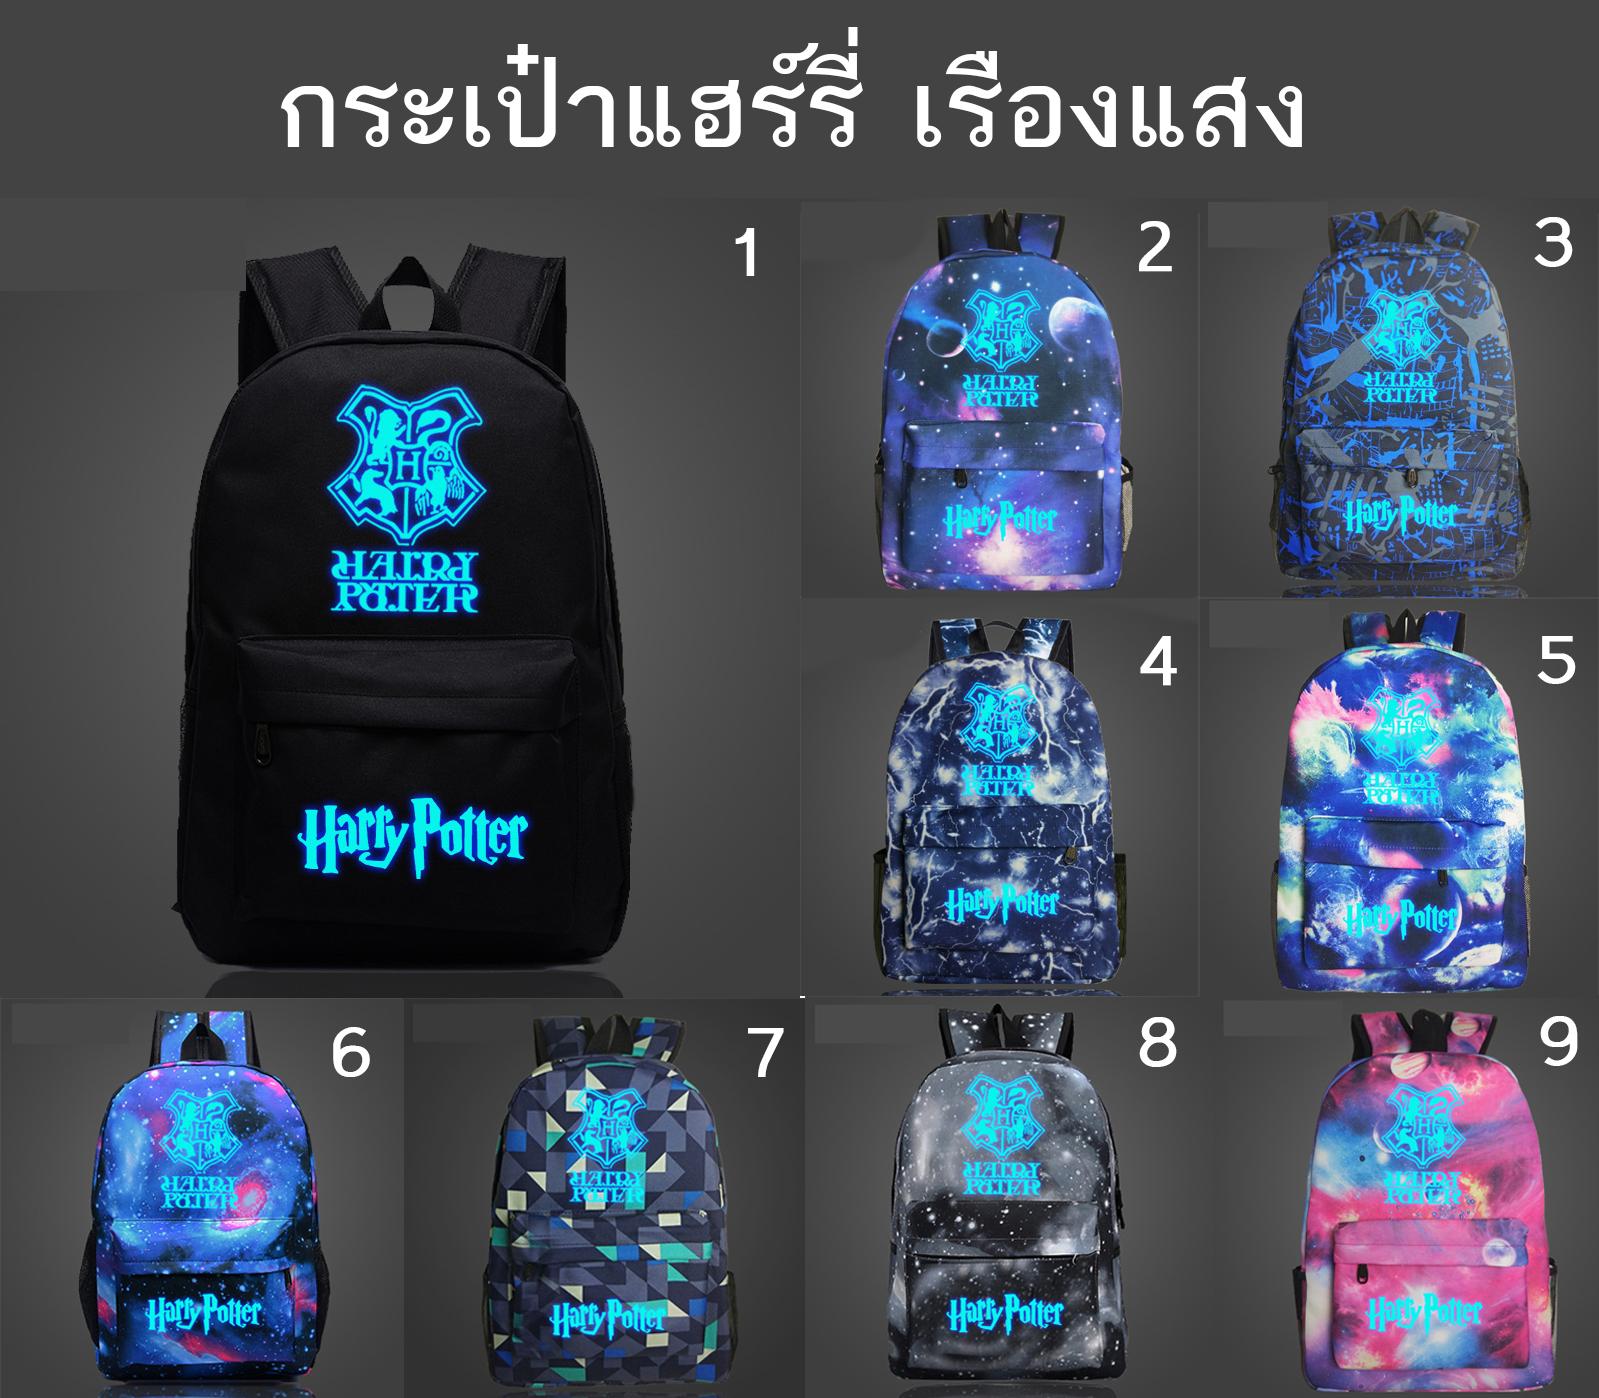 กระเป๋าเรืองแสง แฮร์รี่ พอตเตอร์